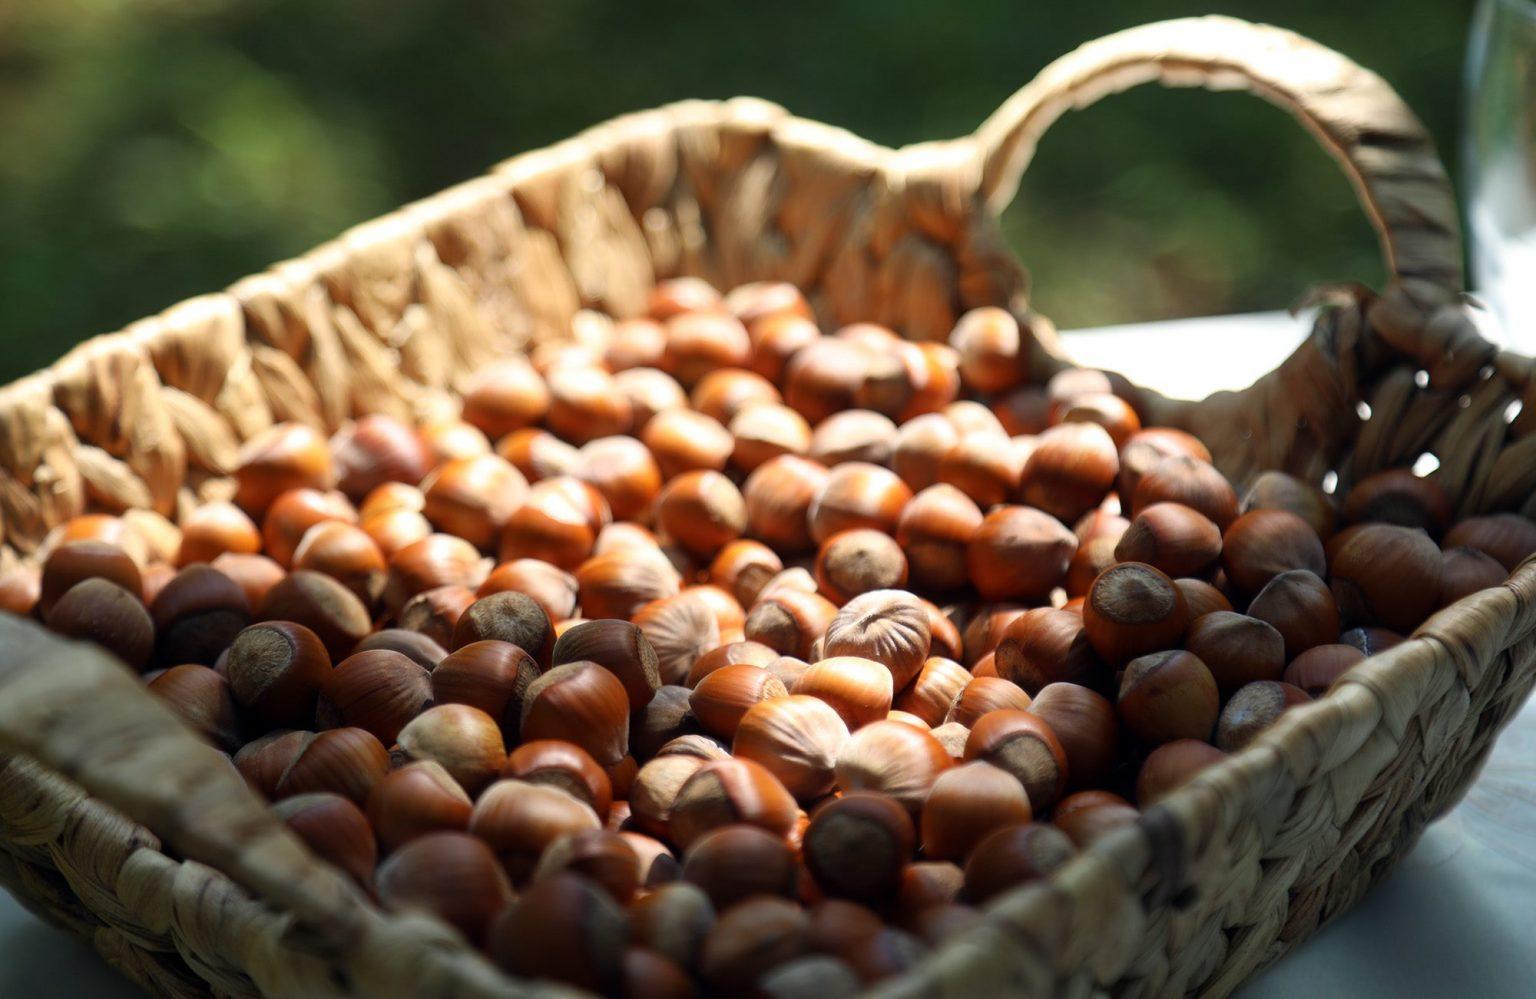 nuts georgia экспорт экспорт